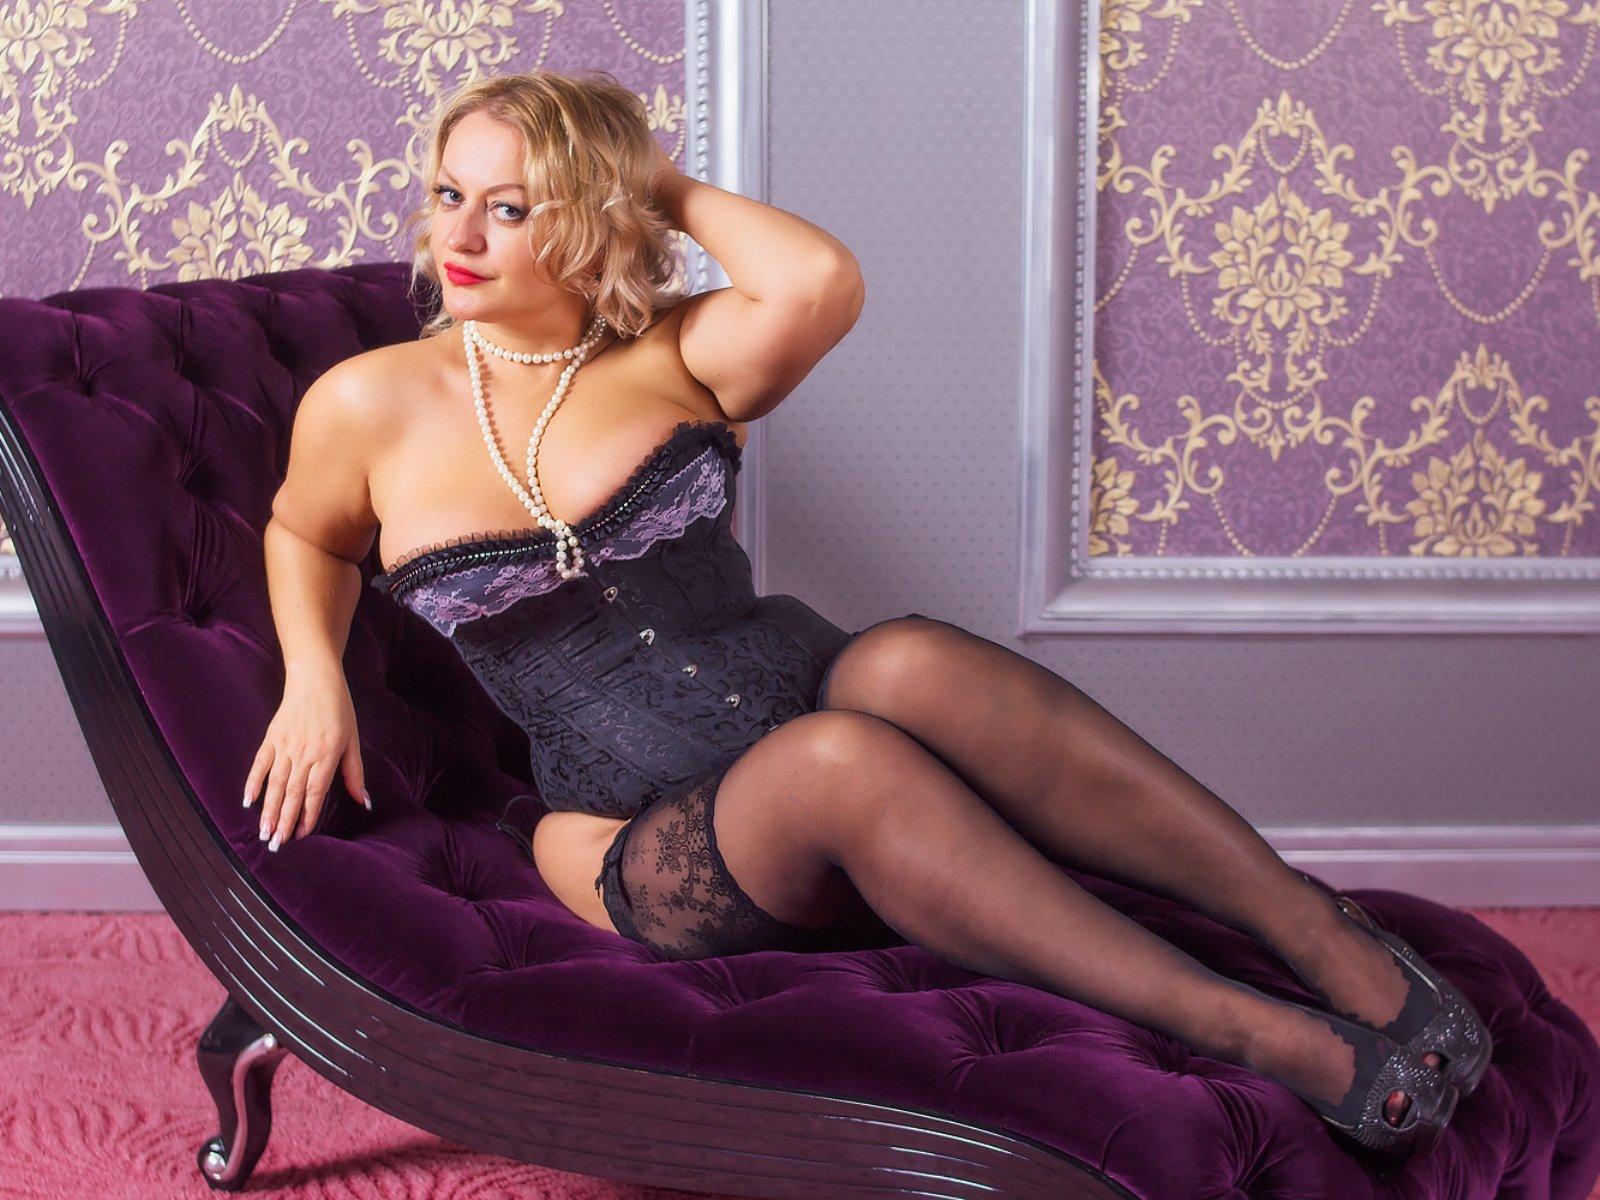 Голые Русские Женщины Смотреть Бесплатно